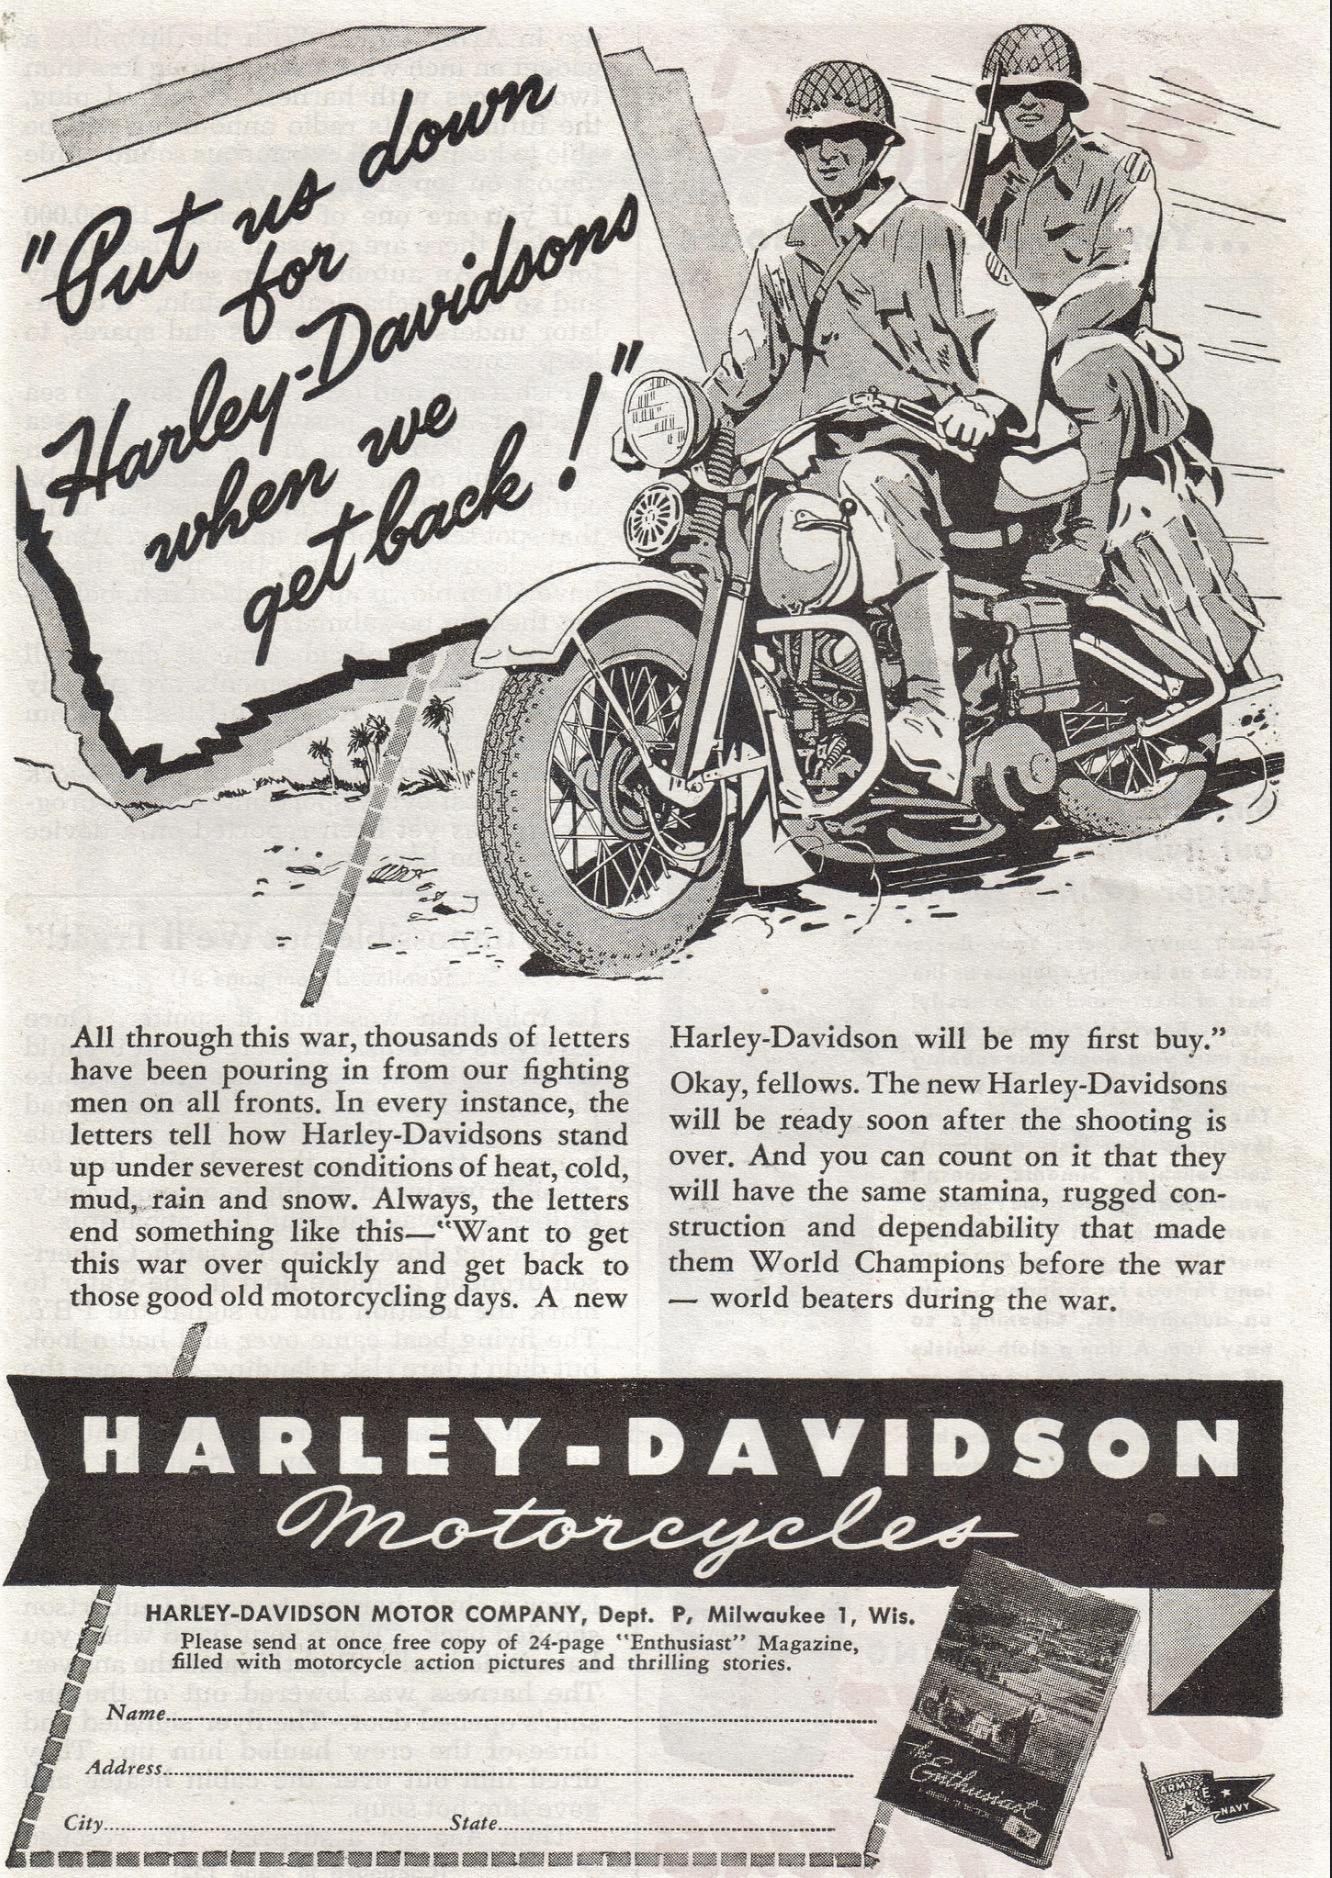 Put us down for Haley-Davidson when we get back